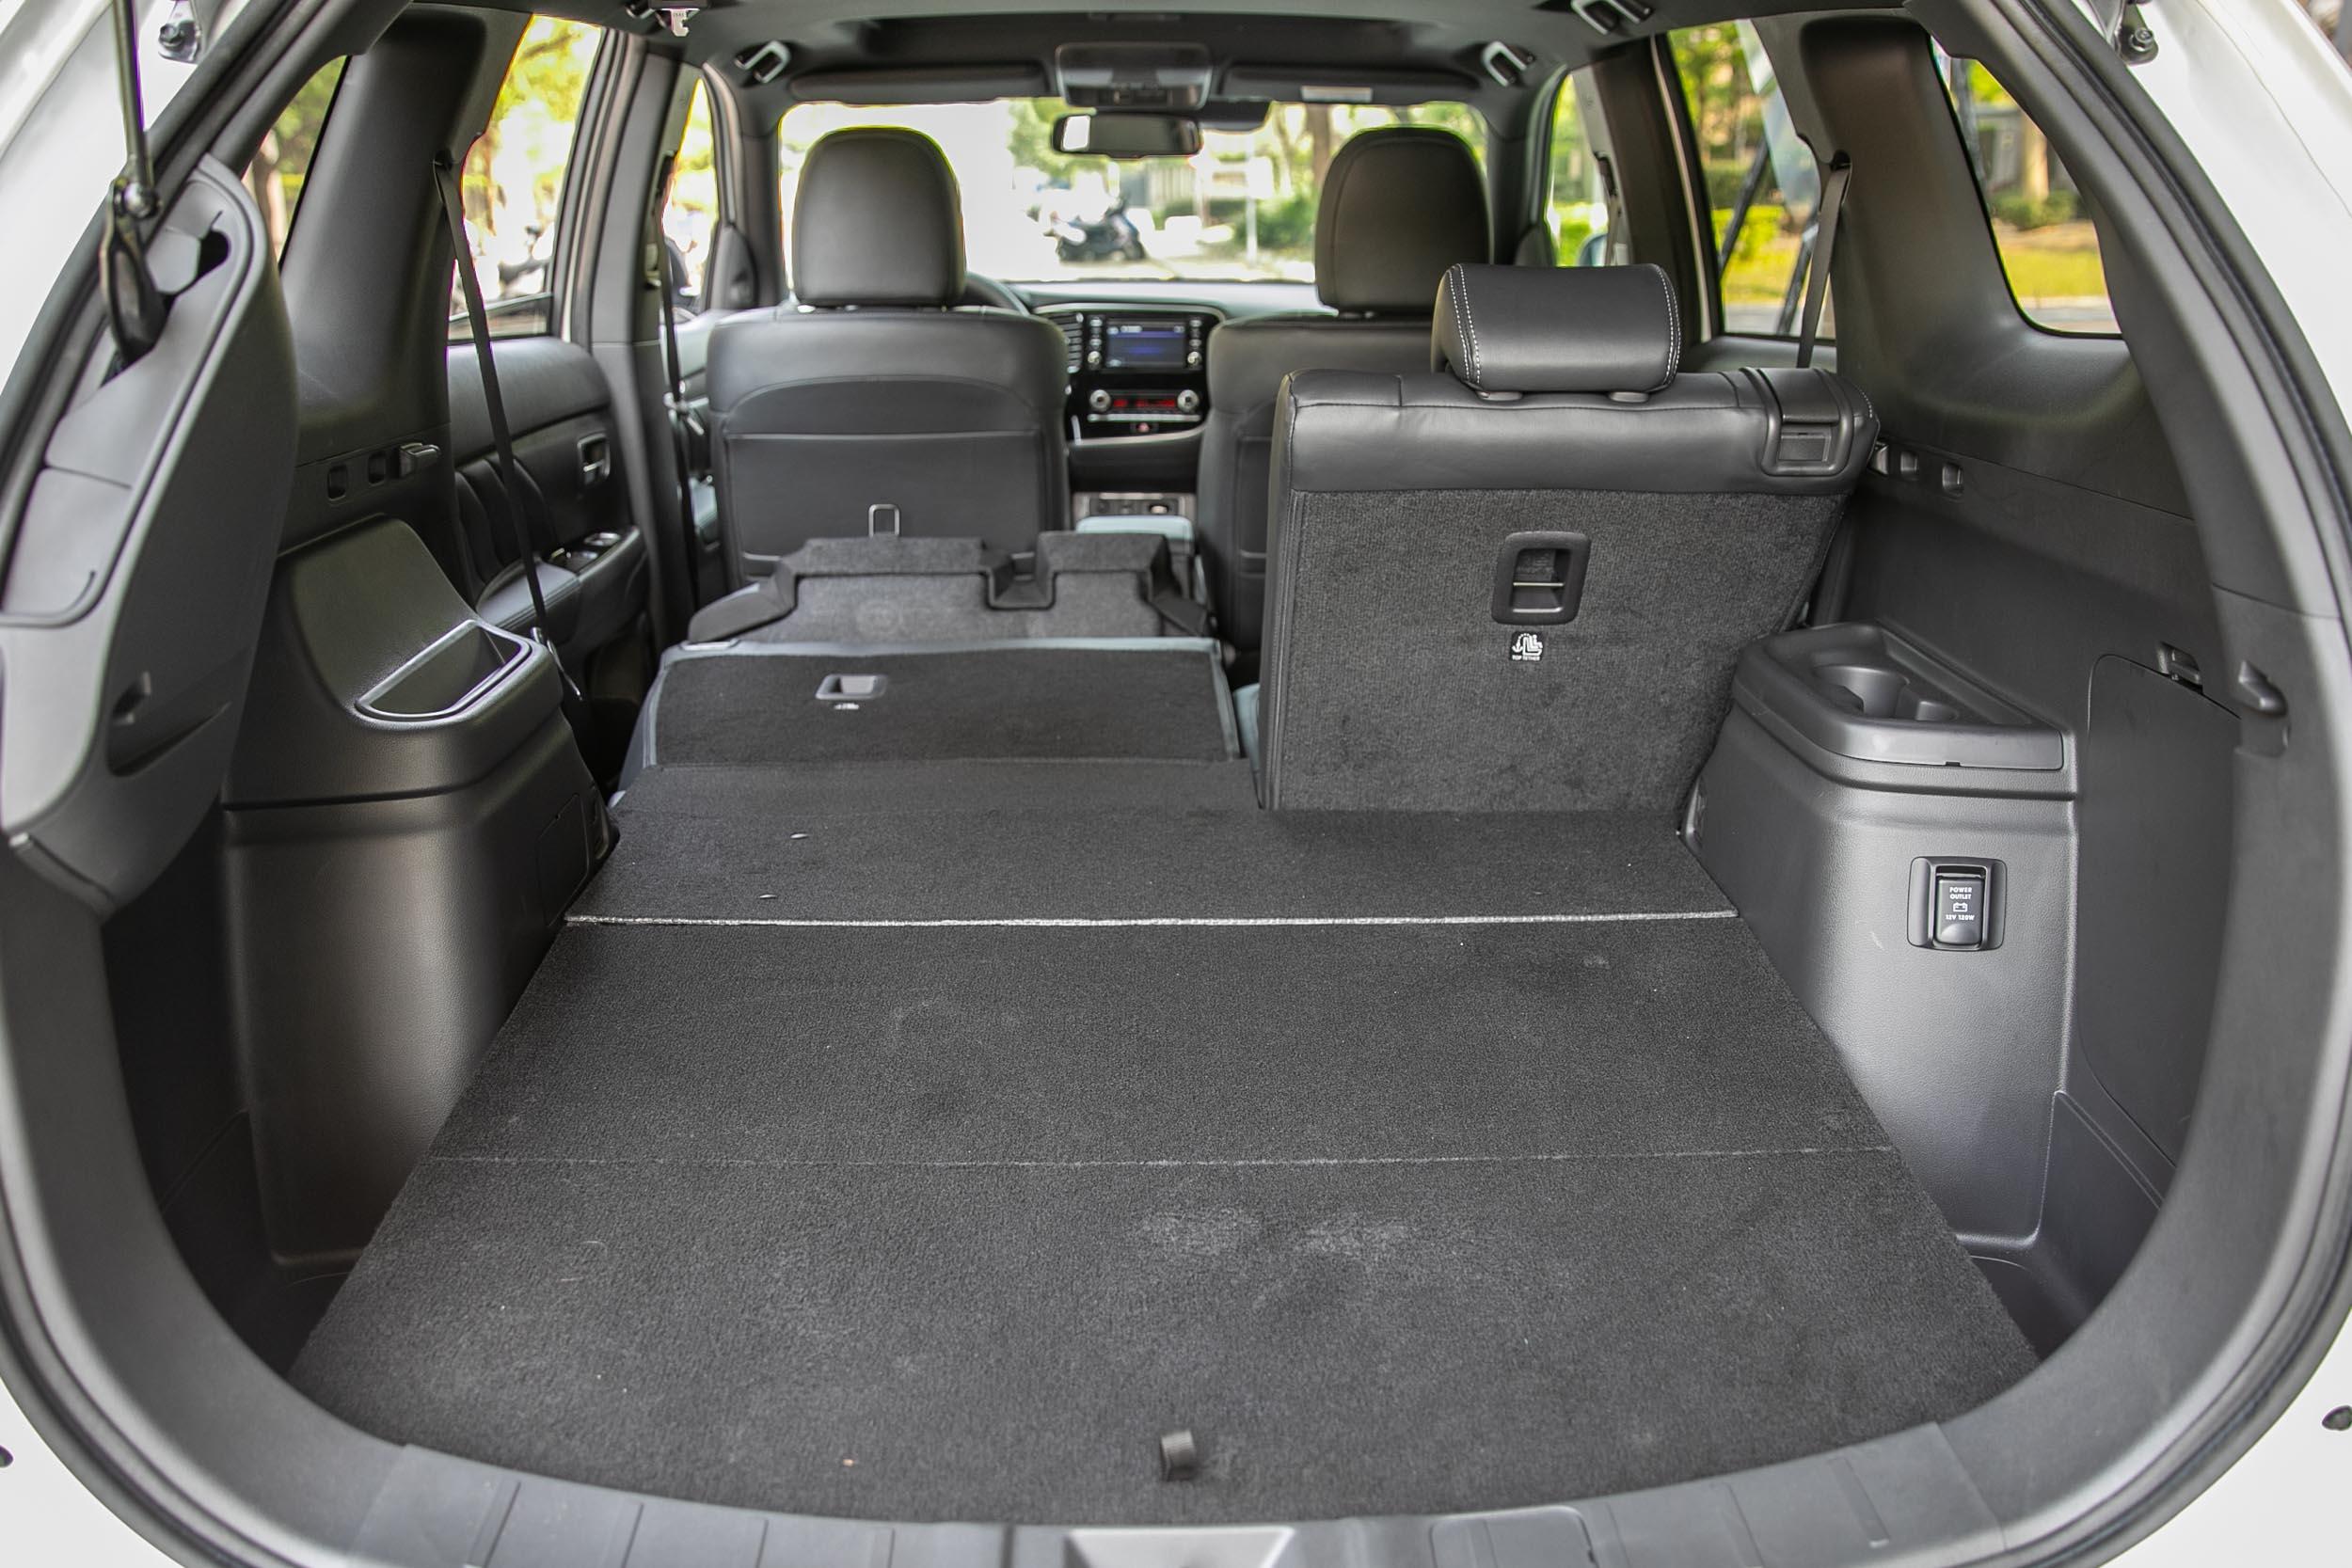 若把後座椅背打平,置物容積可擴充至 1602 水準。